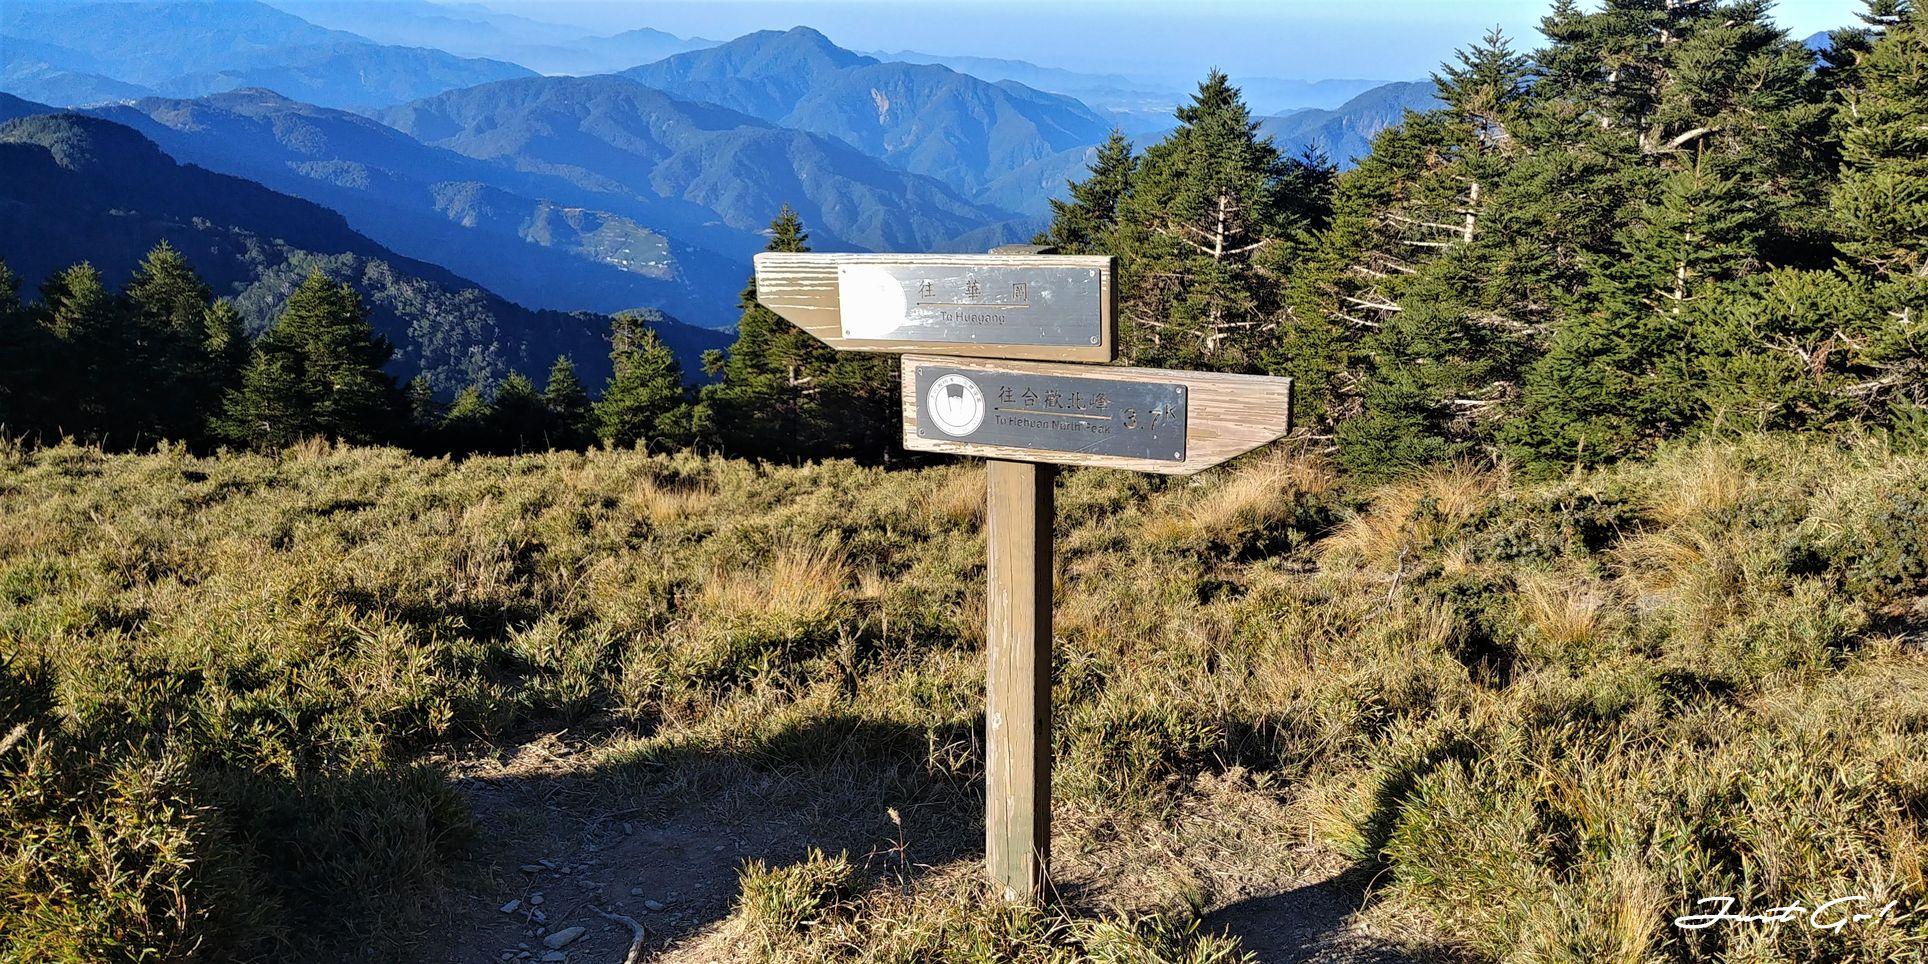 一日百岳·9小時單攻合歡西峰北峰-地圖gpx、行程規劃、申請、登山口10